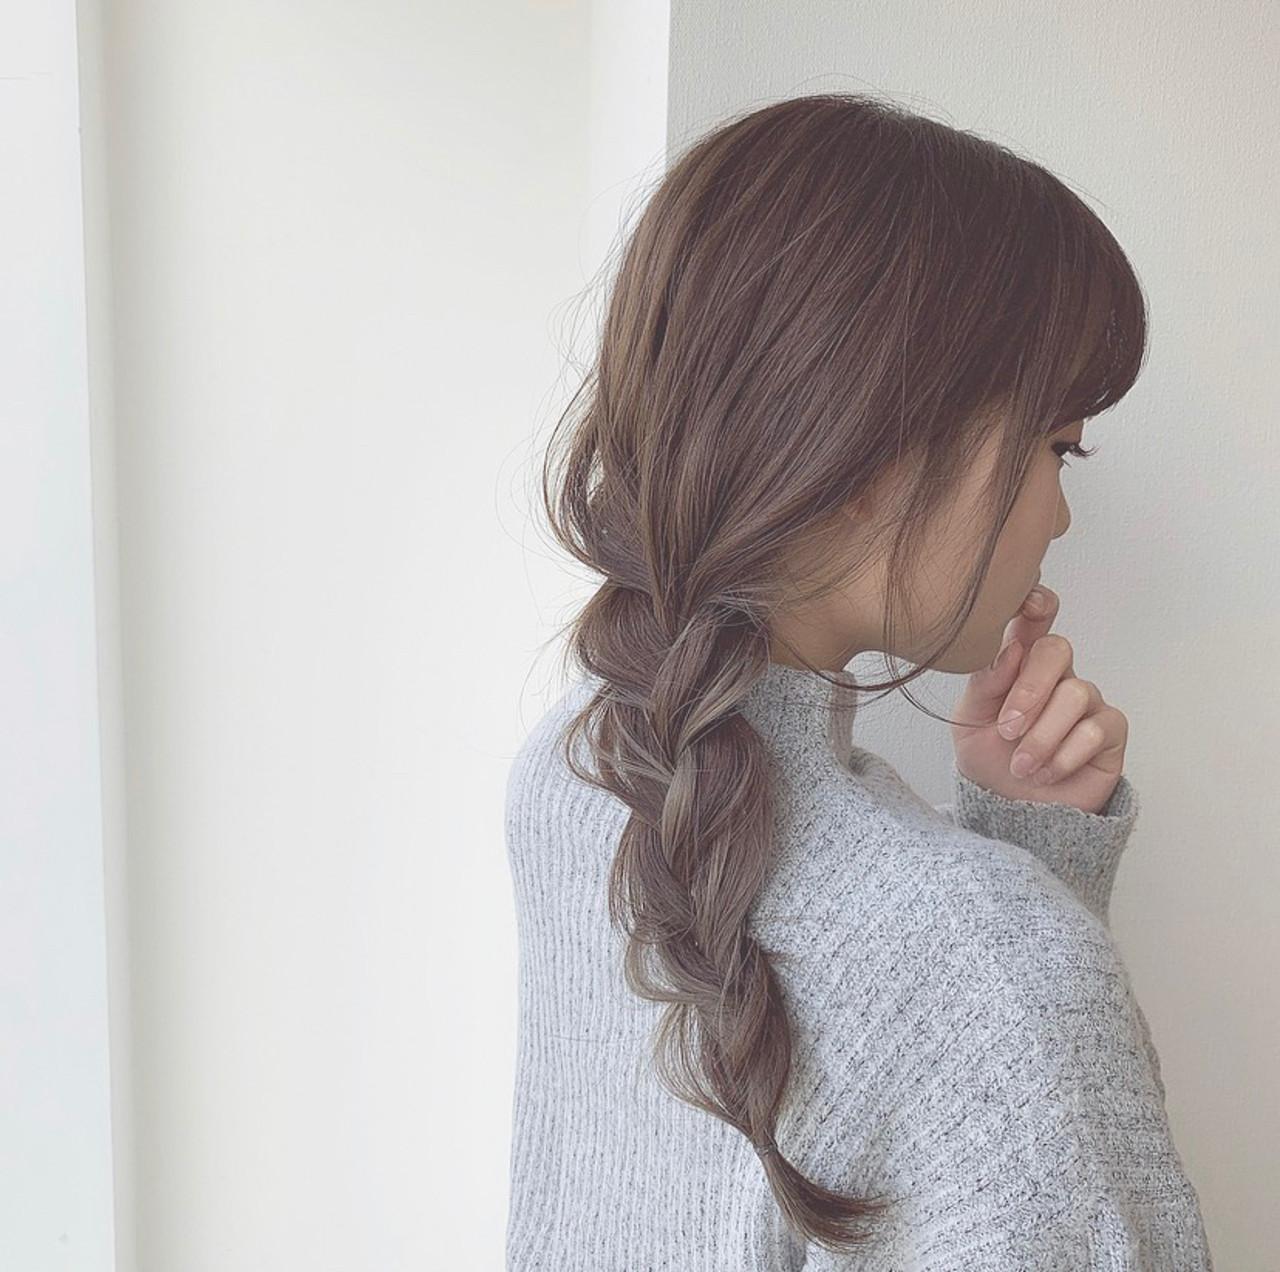 インナーカラー ナチュラル インナーカラーグレー ヘアアレンジ ヘアスタイルや髪型の写真・画像